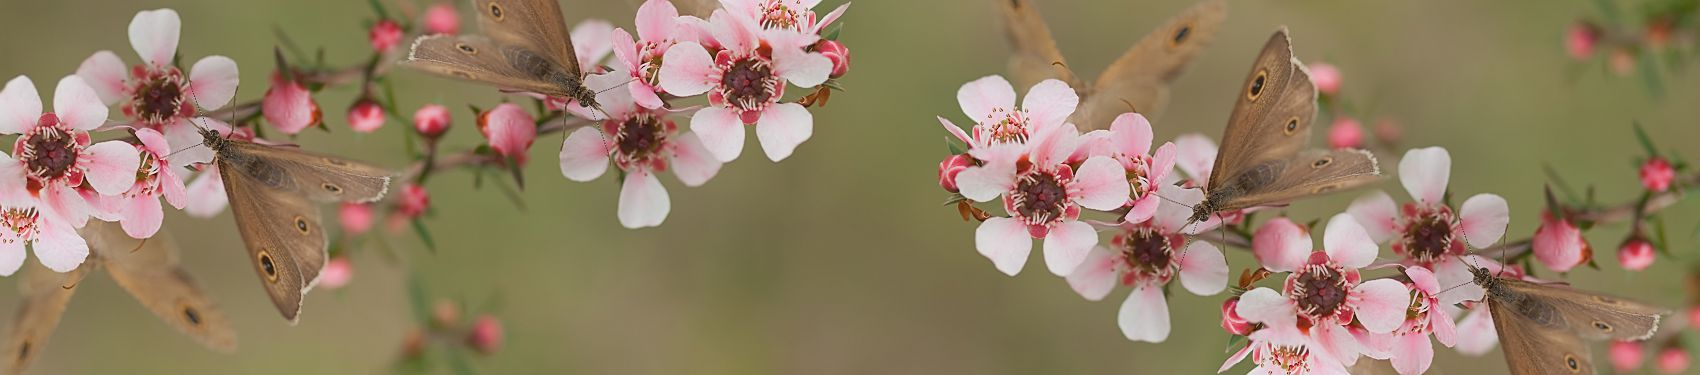 розовые цветы яблони